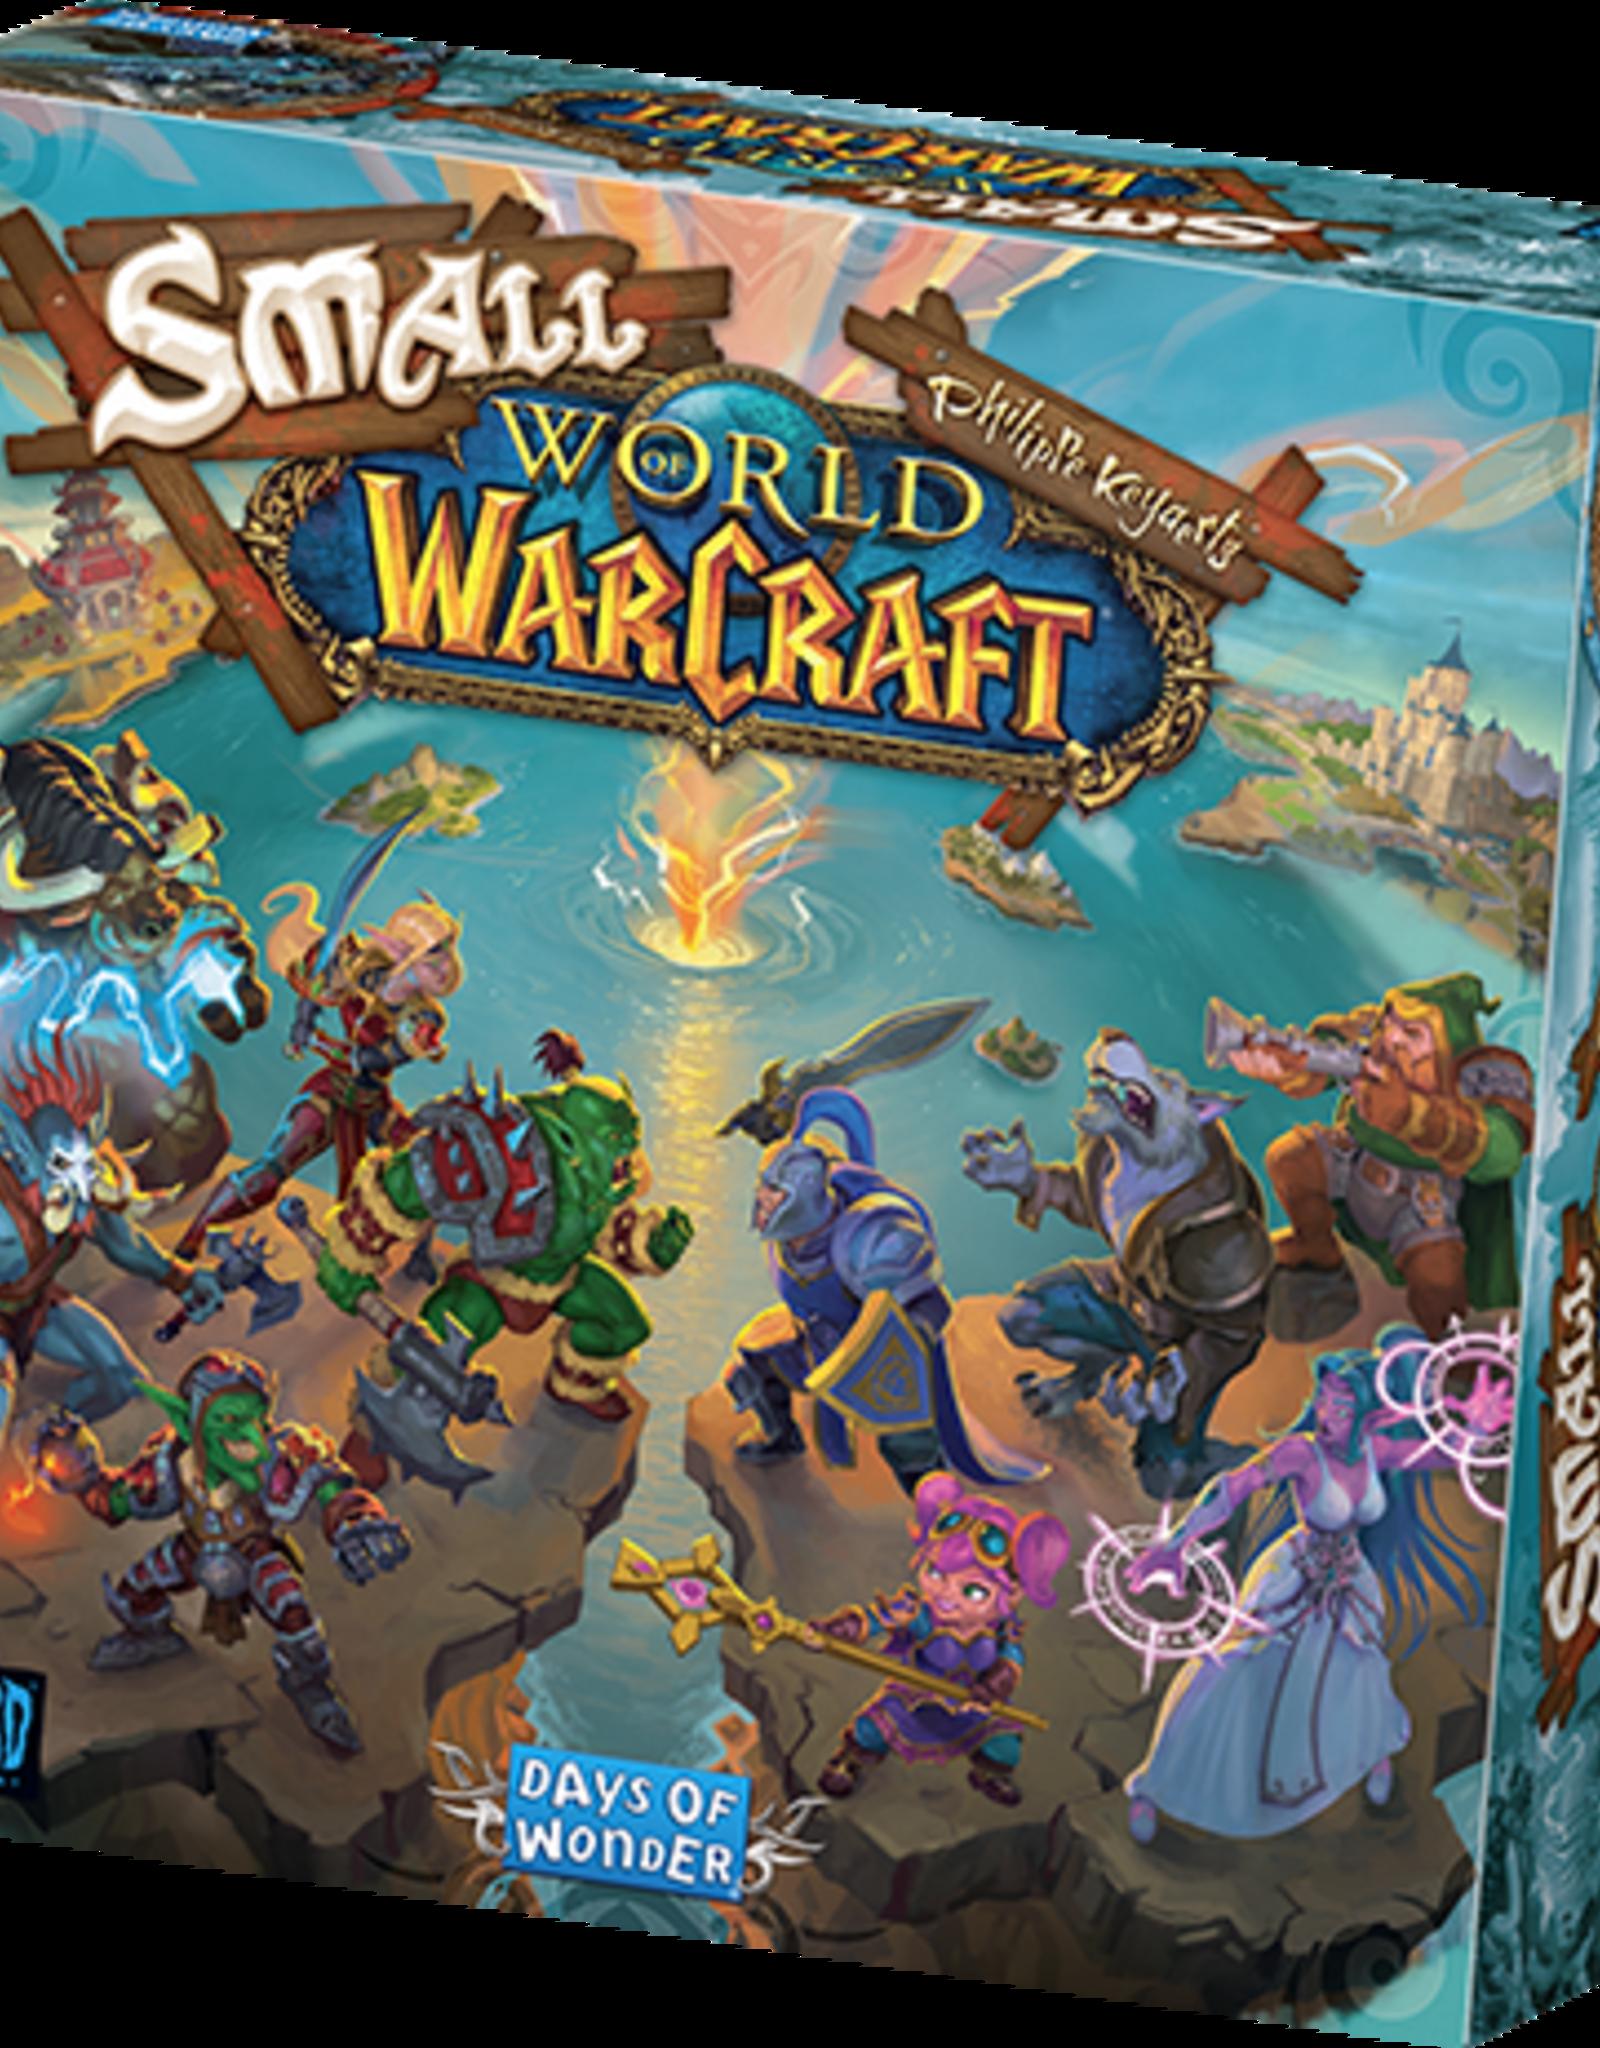 Small World Small World of Warcraft